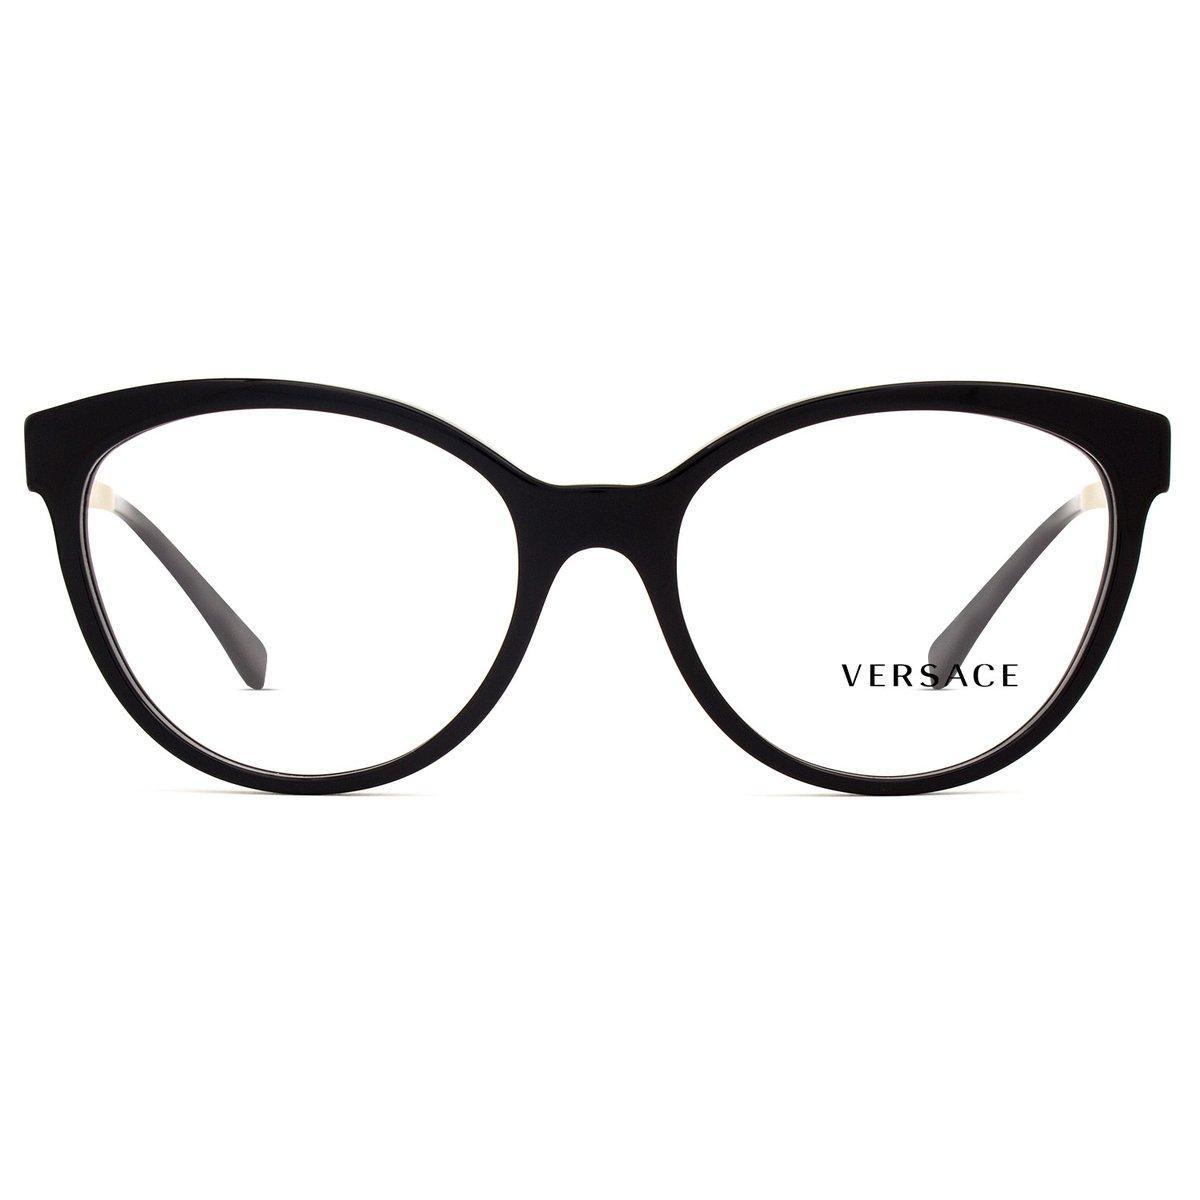 Armação Óculos de Grau Versace VE3237 GB1-54 - Compre Agora   Zattini b5953dfce1